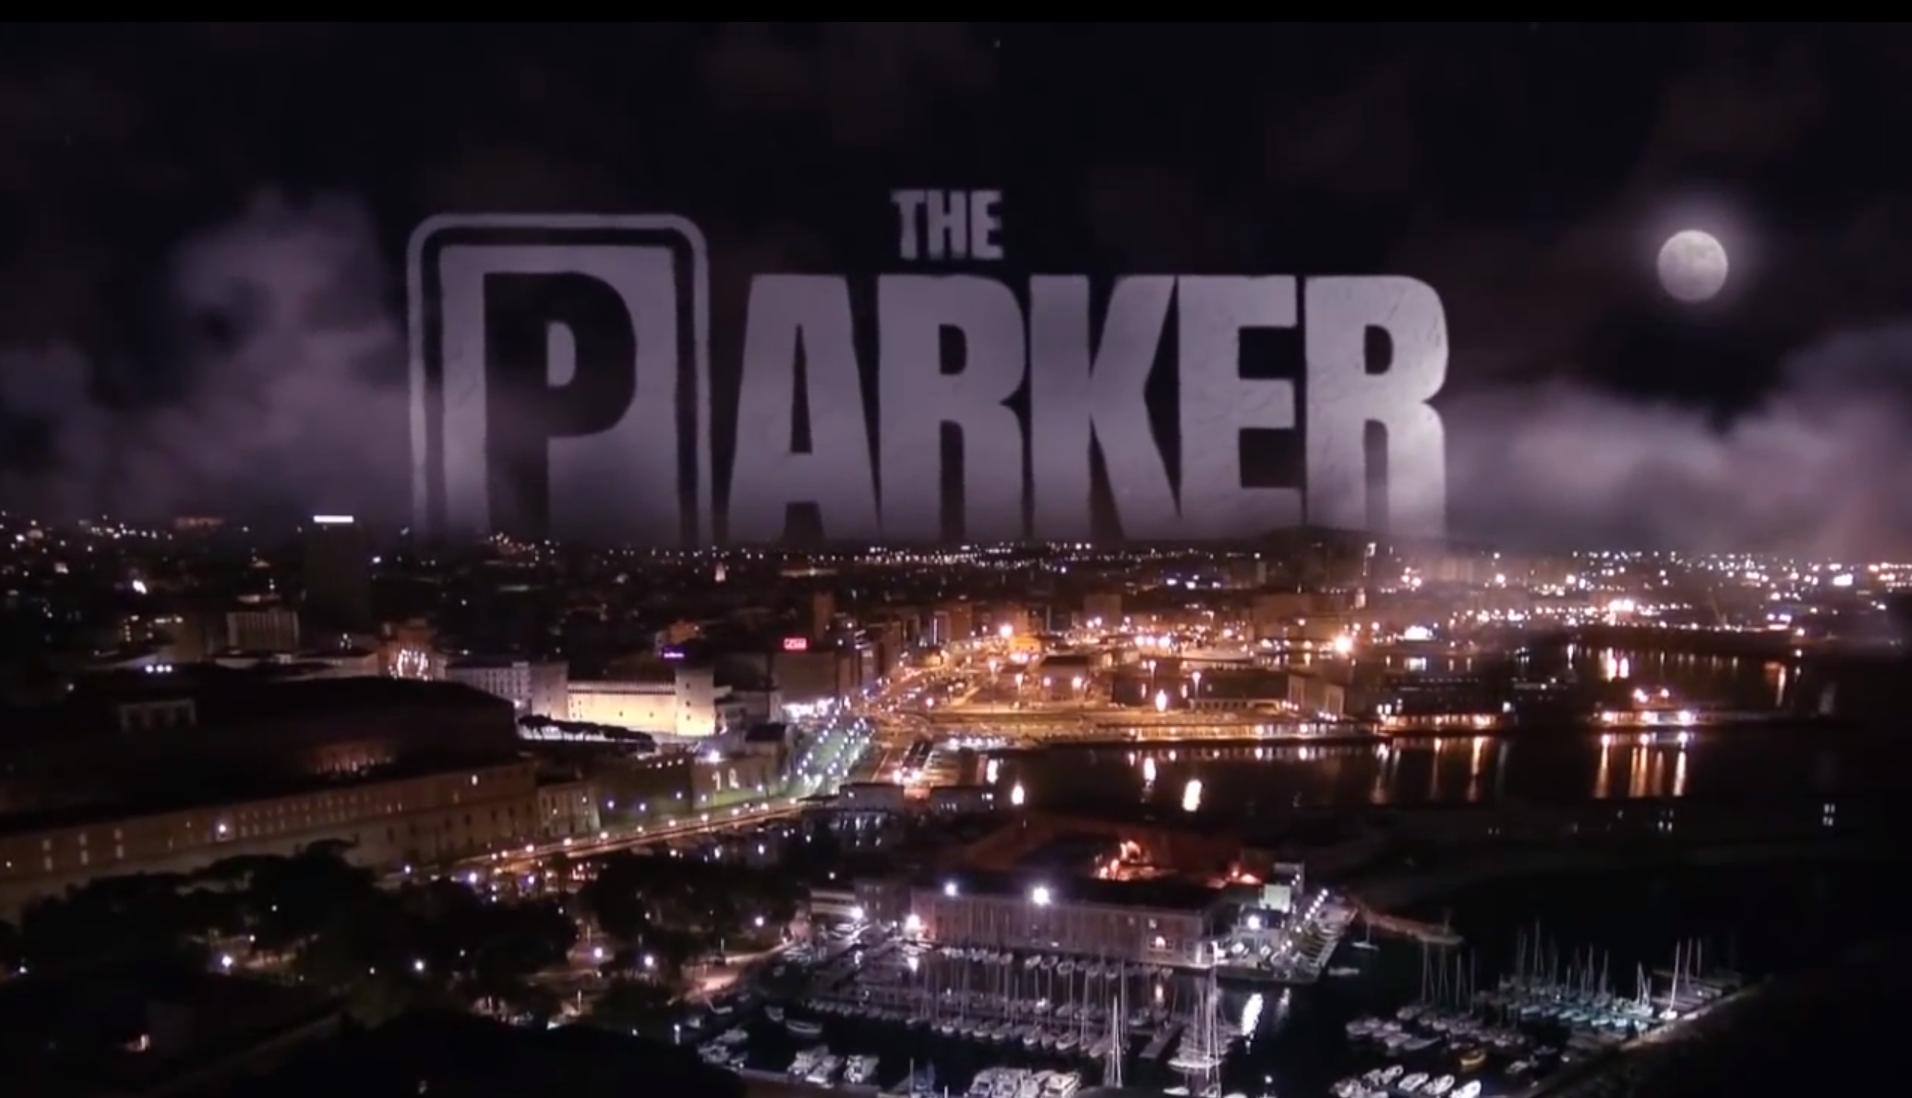 The Parker - Come fuggire dal parcheggiatore abusivo